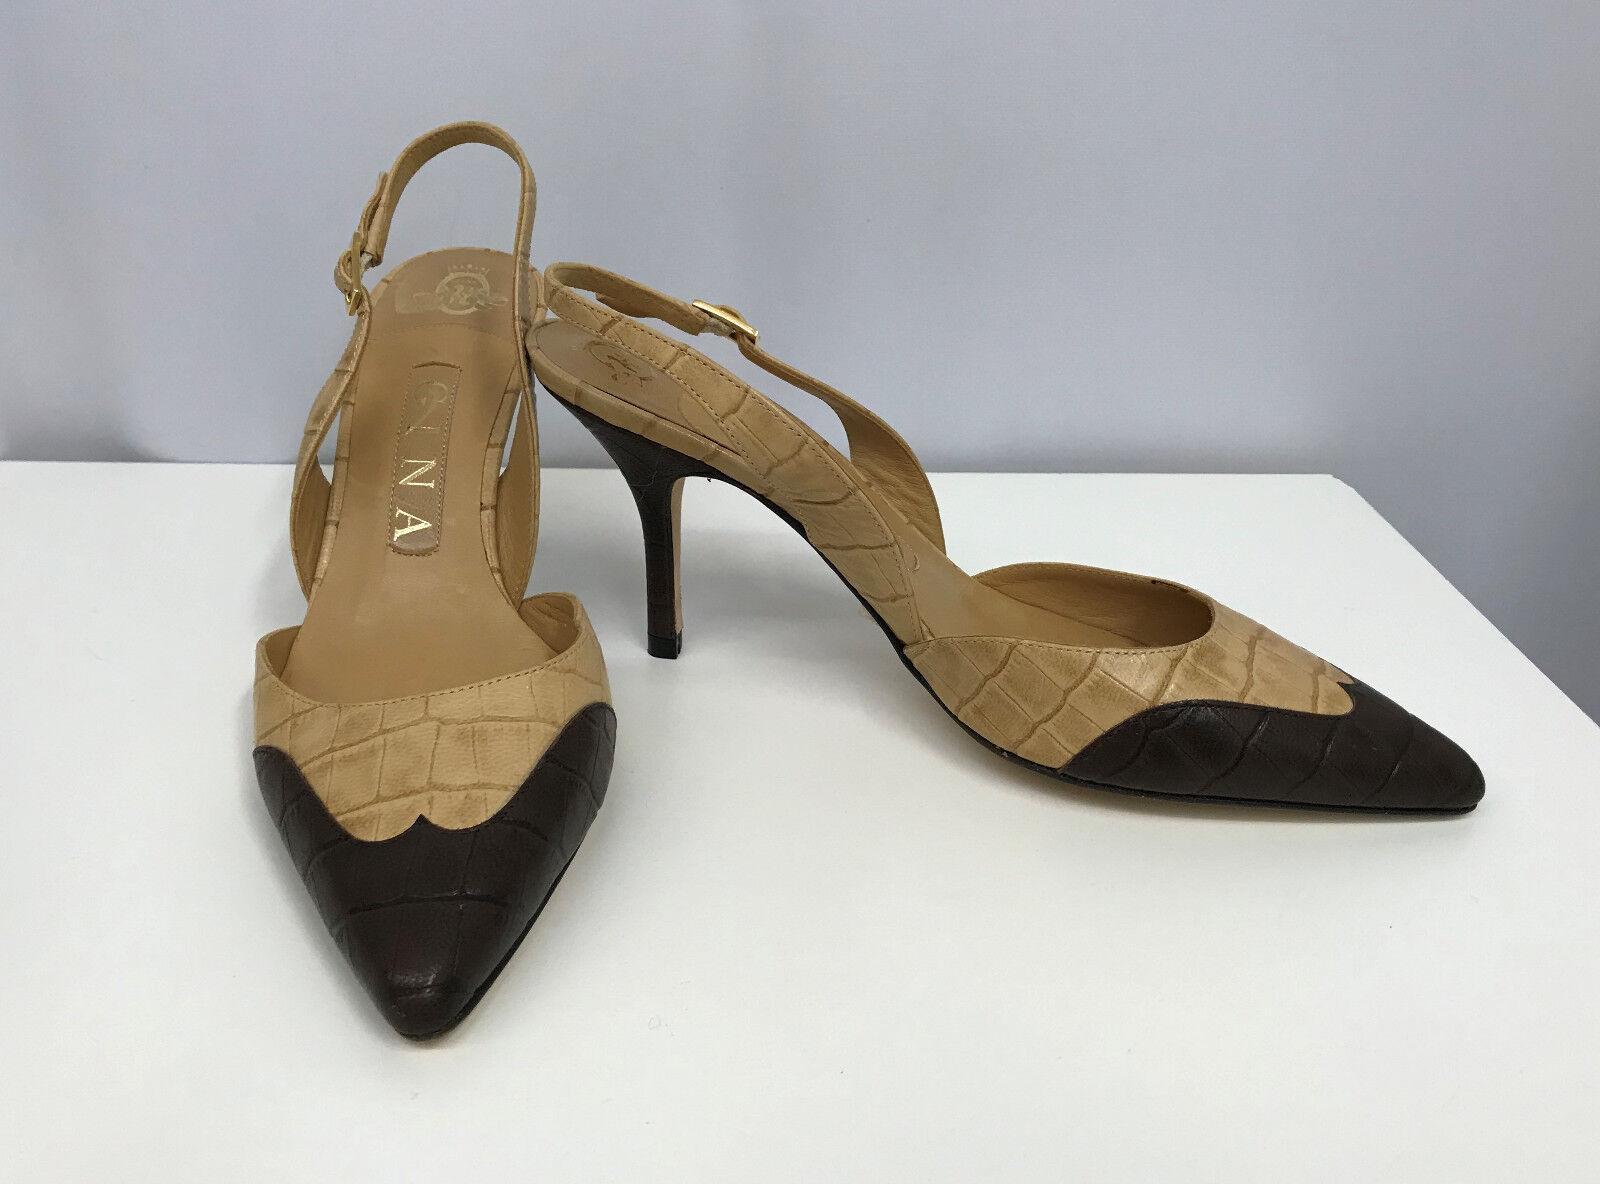 molto popolare GINA GINA GINA LEATHER scarpe NEW MADE IN ENGLAND Marrone AND SAND TONE MOC CROC Dimensione 3  vendita calda